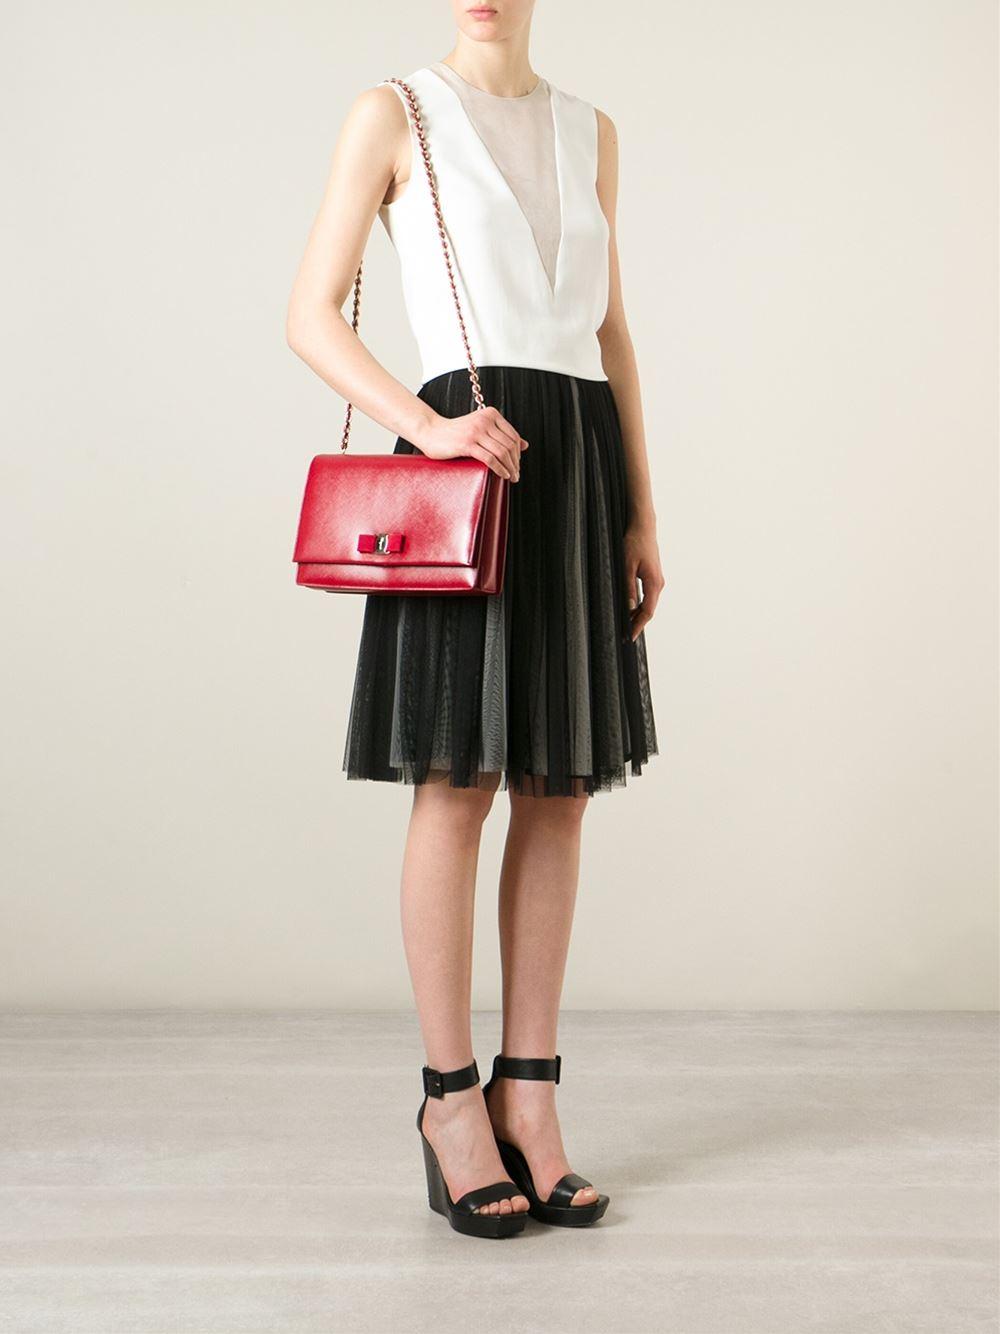 Lyst - Ferragamo Ginny Leather Cross-Body Bag in Red 01c4d466445fb